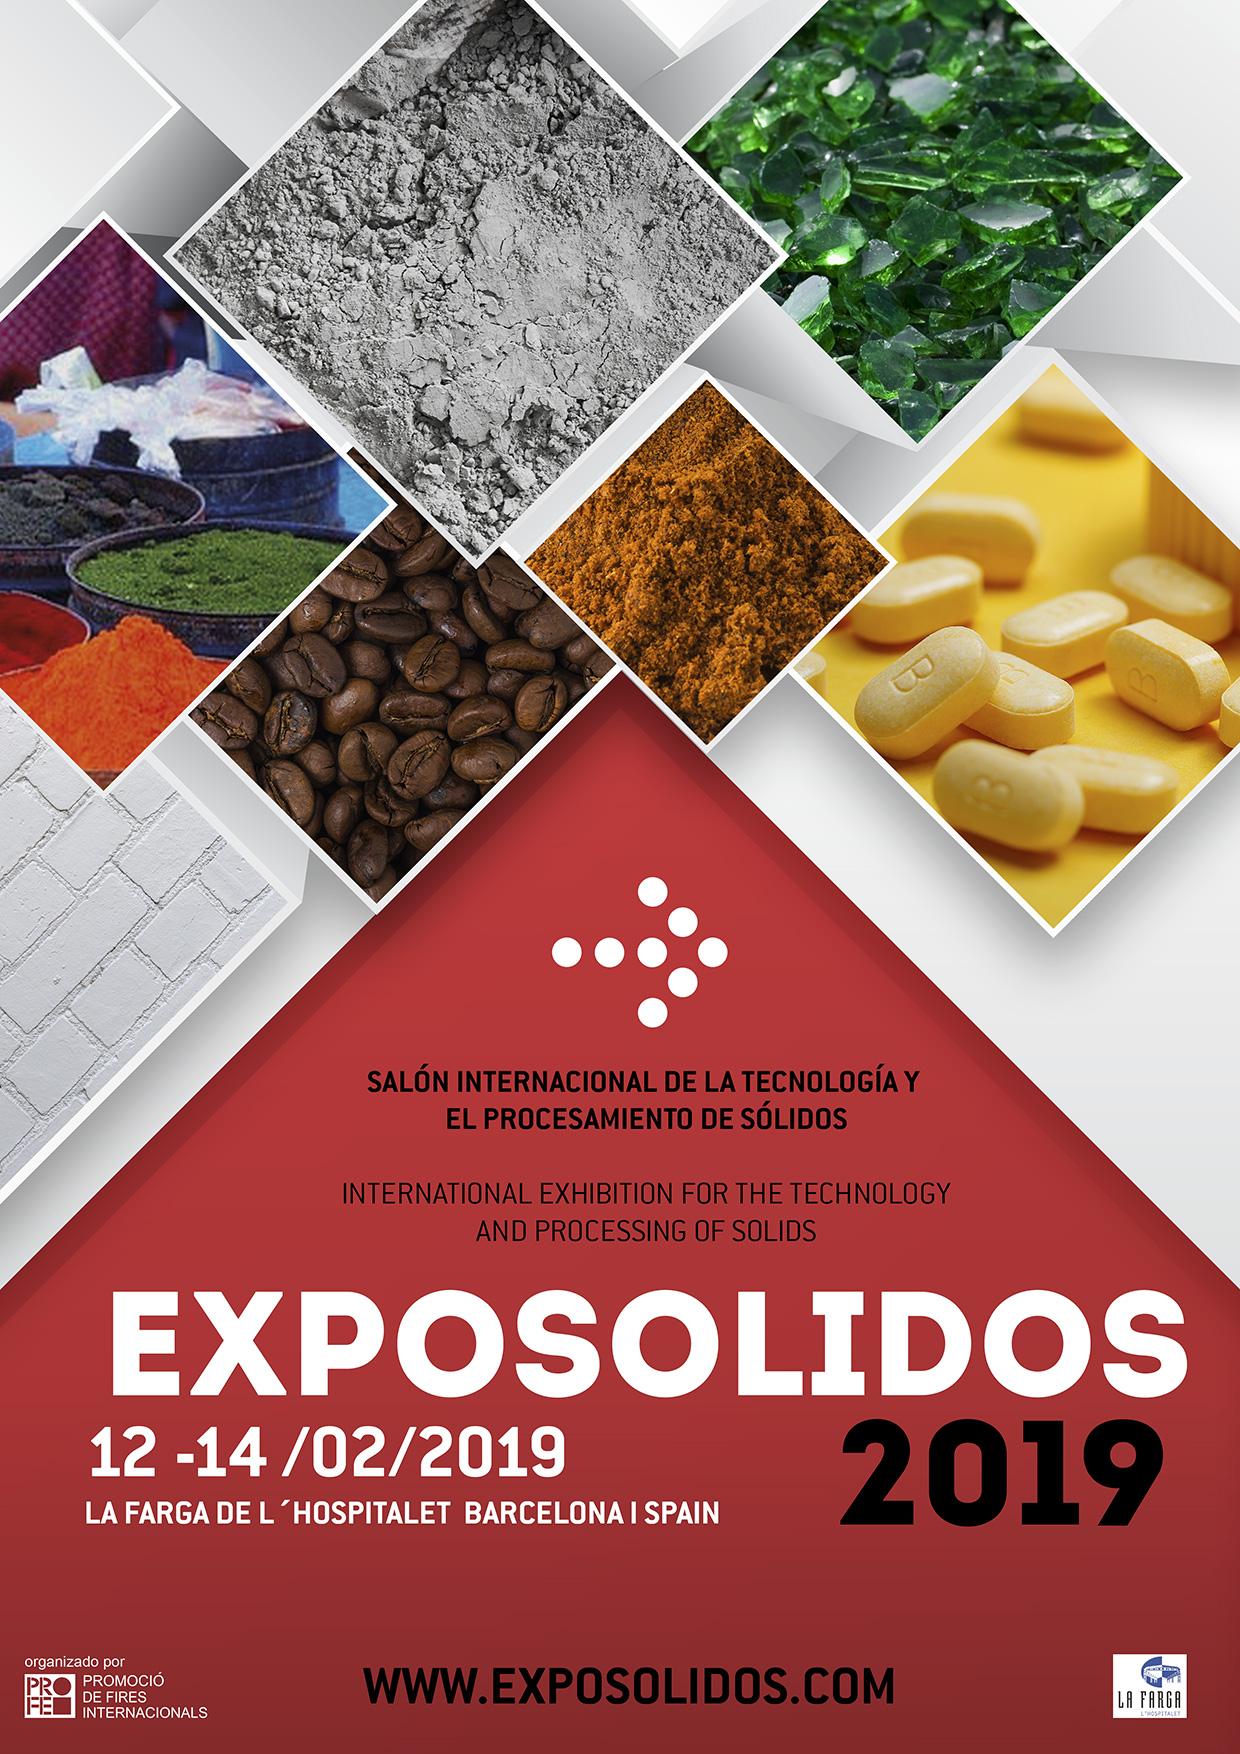 EXPOSOLIDOS